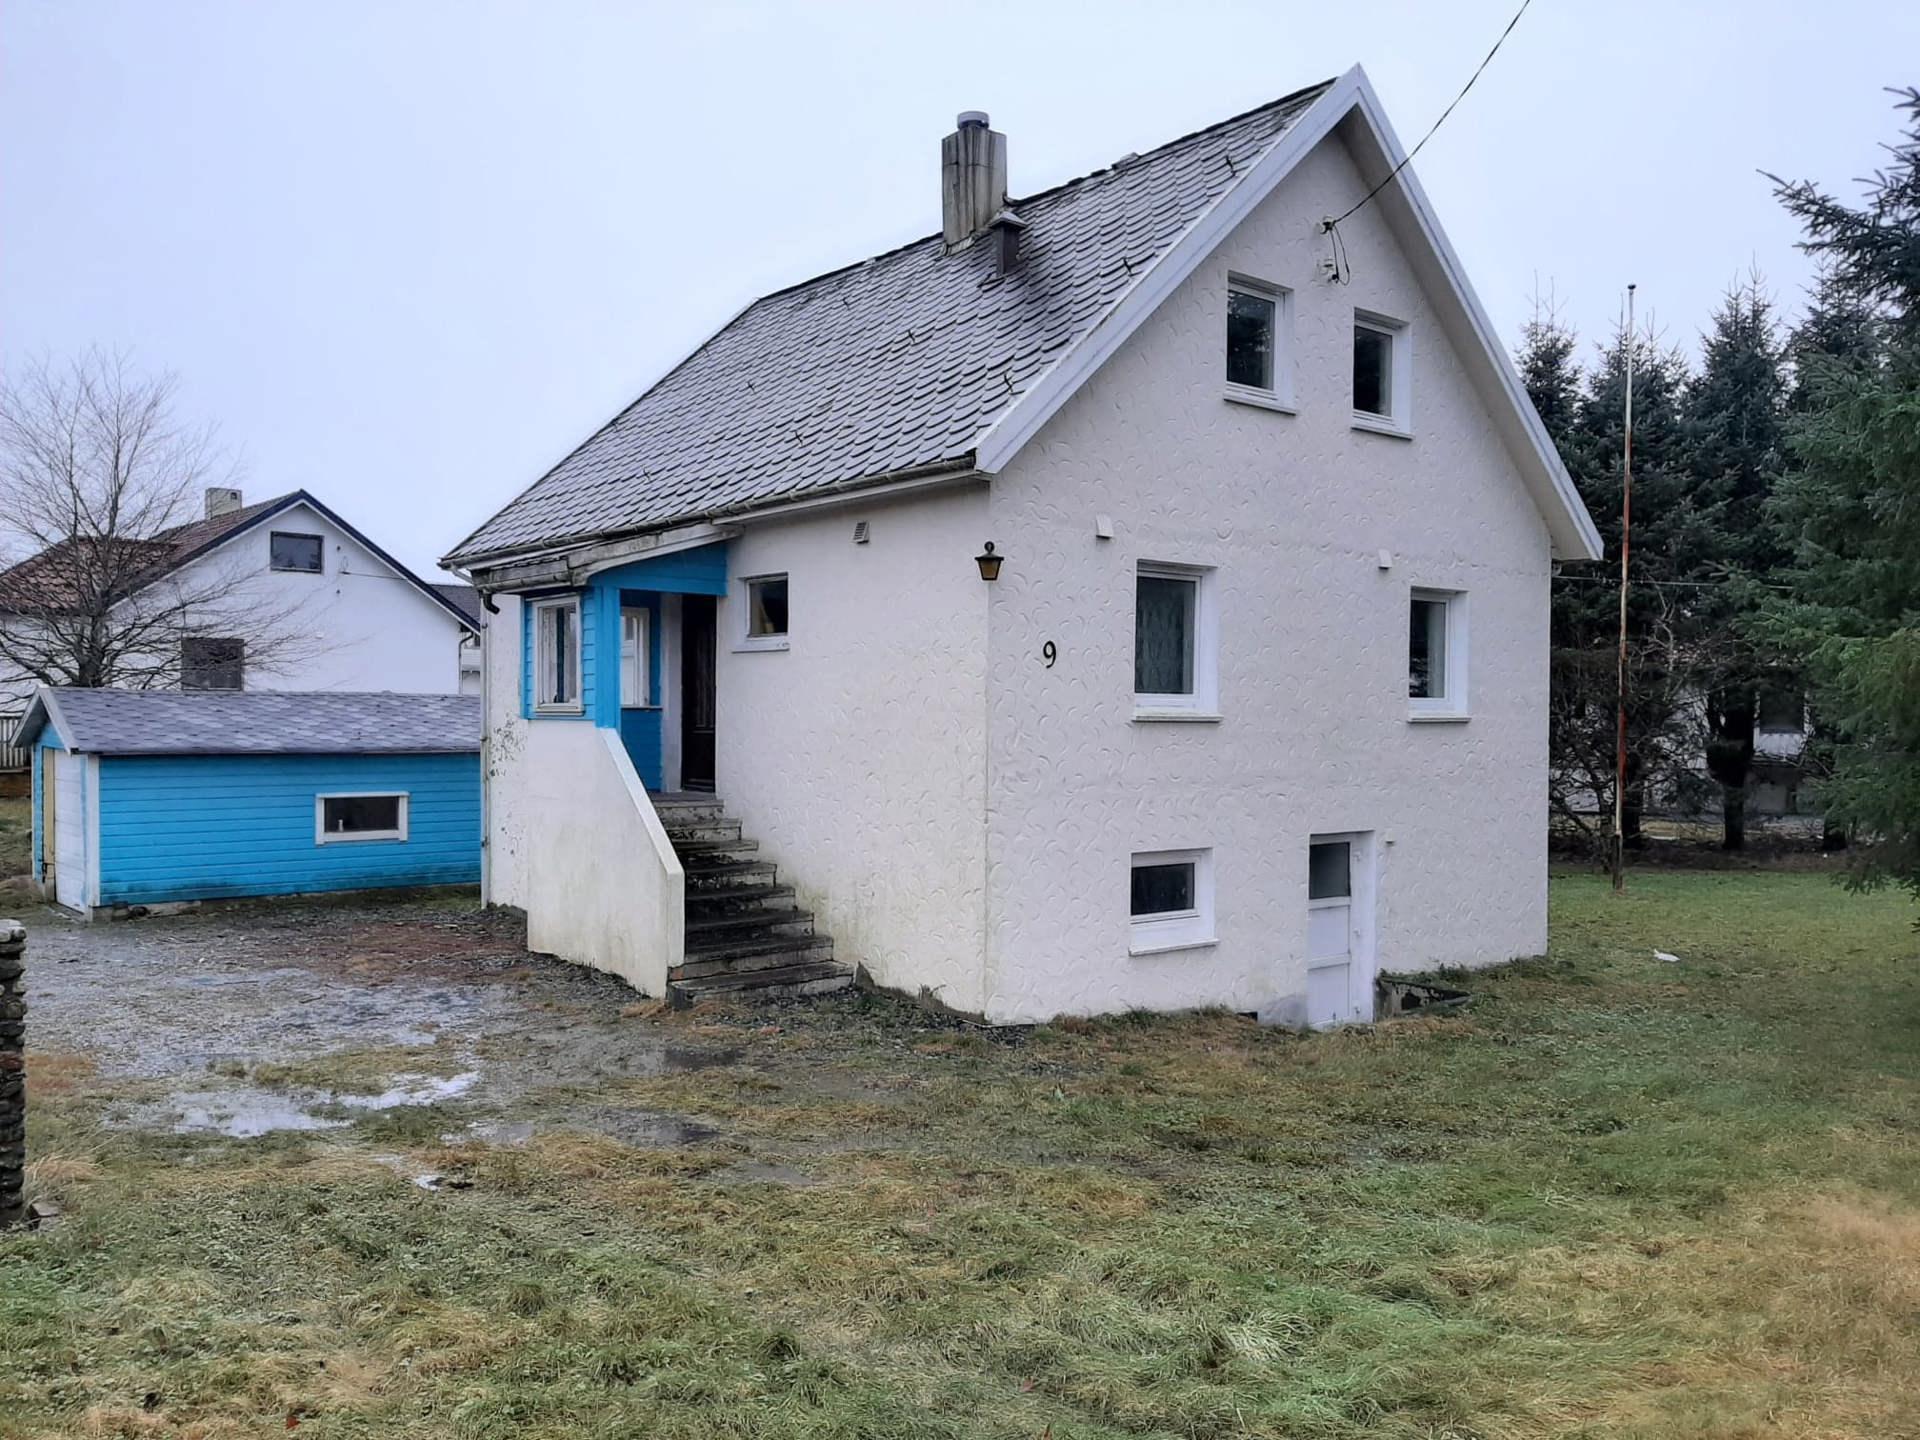 Veteranhuset Hårfagre fasade 2.jpg